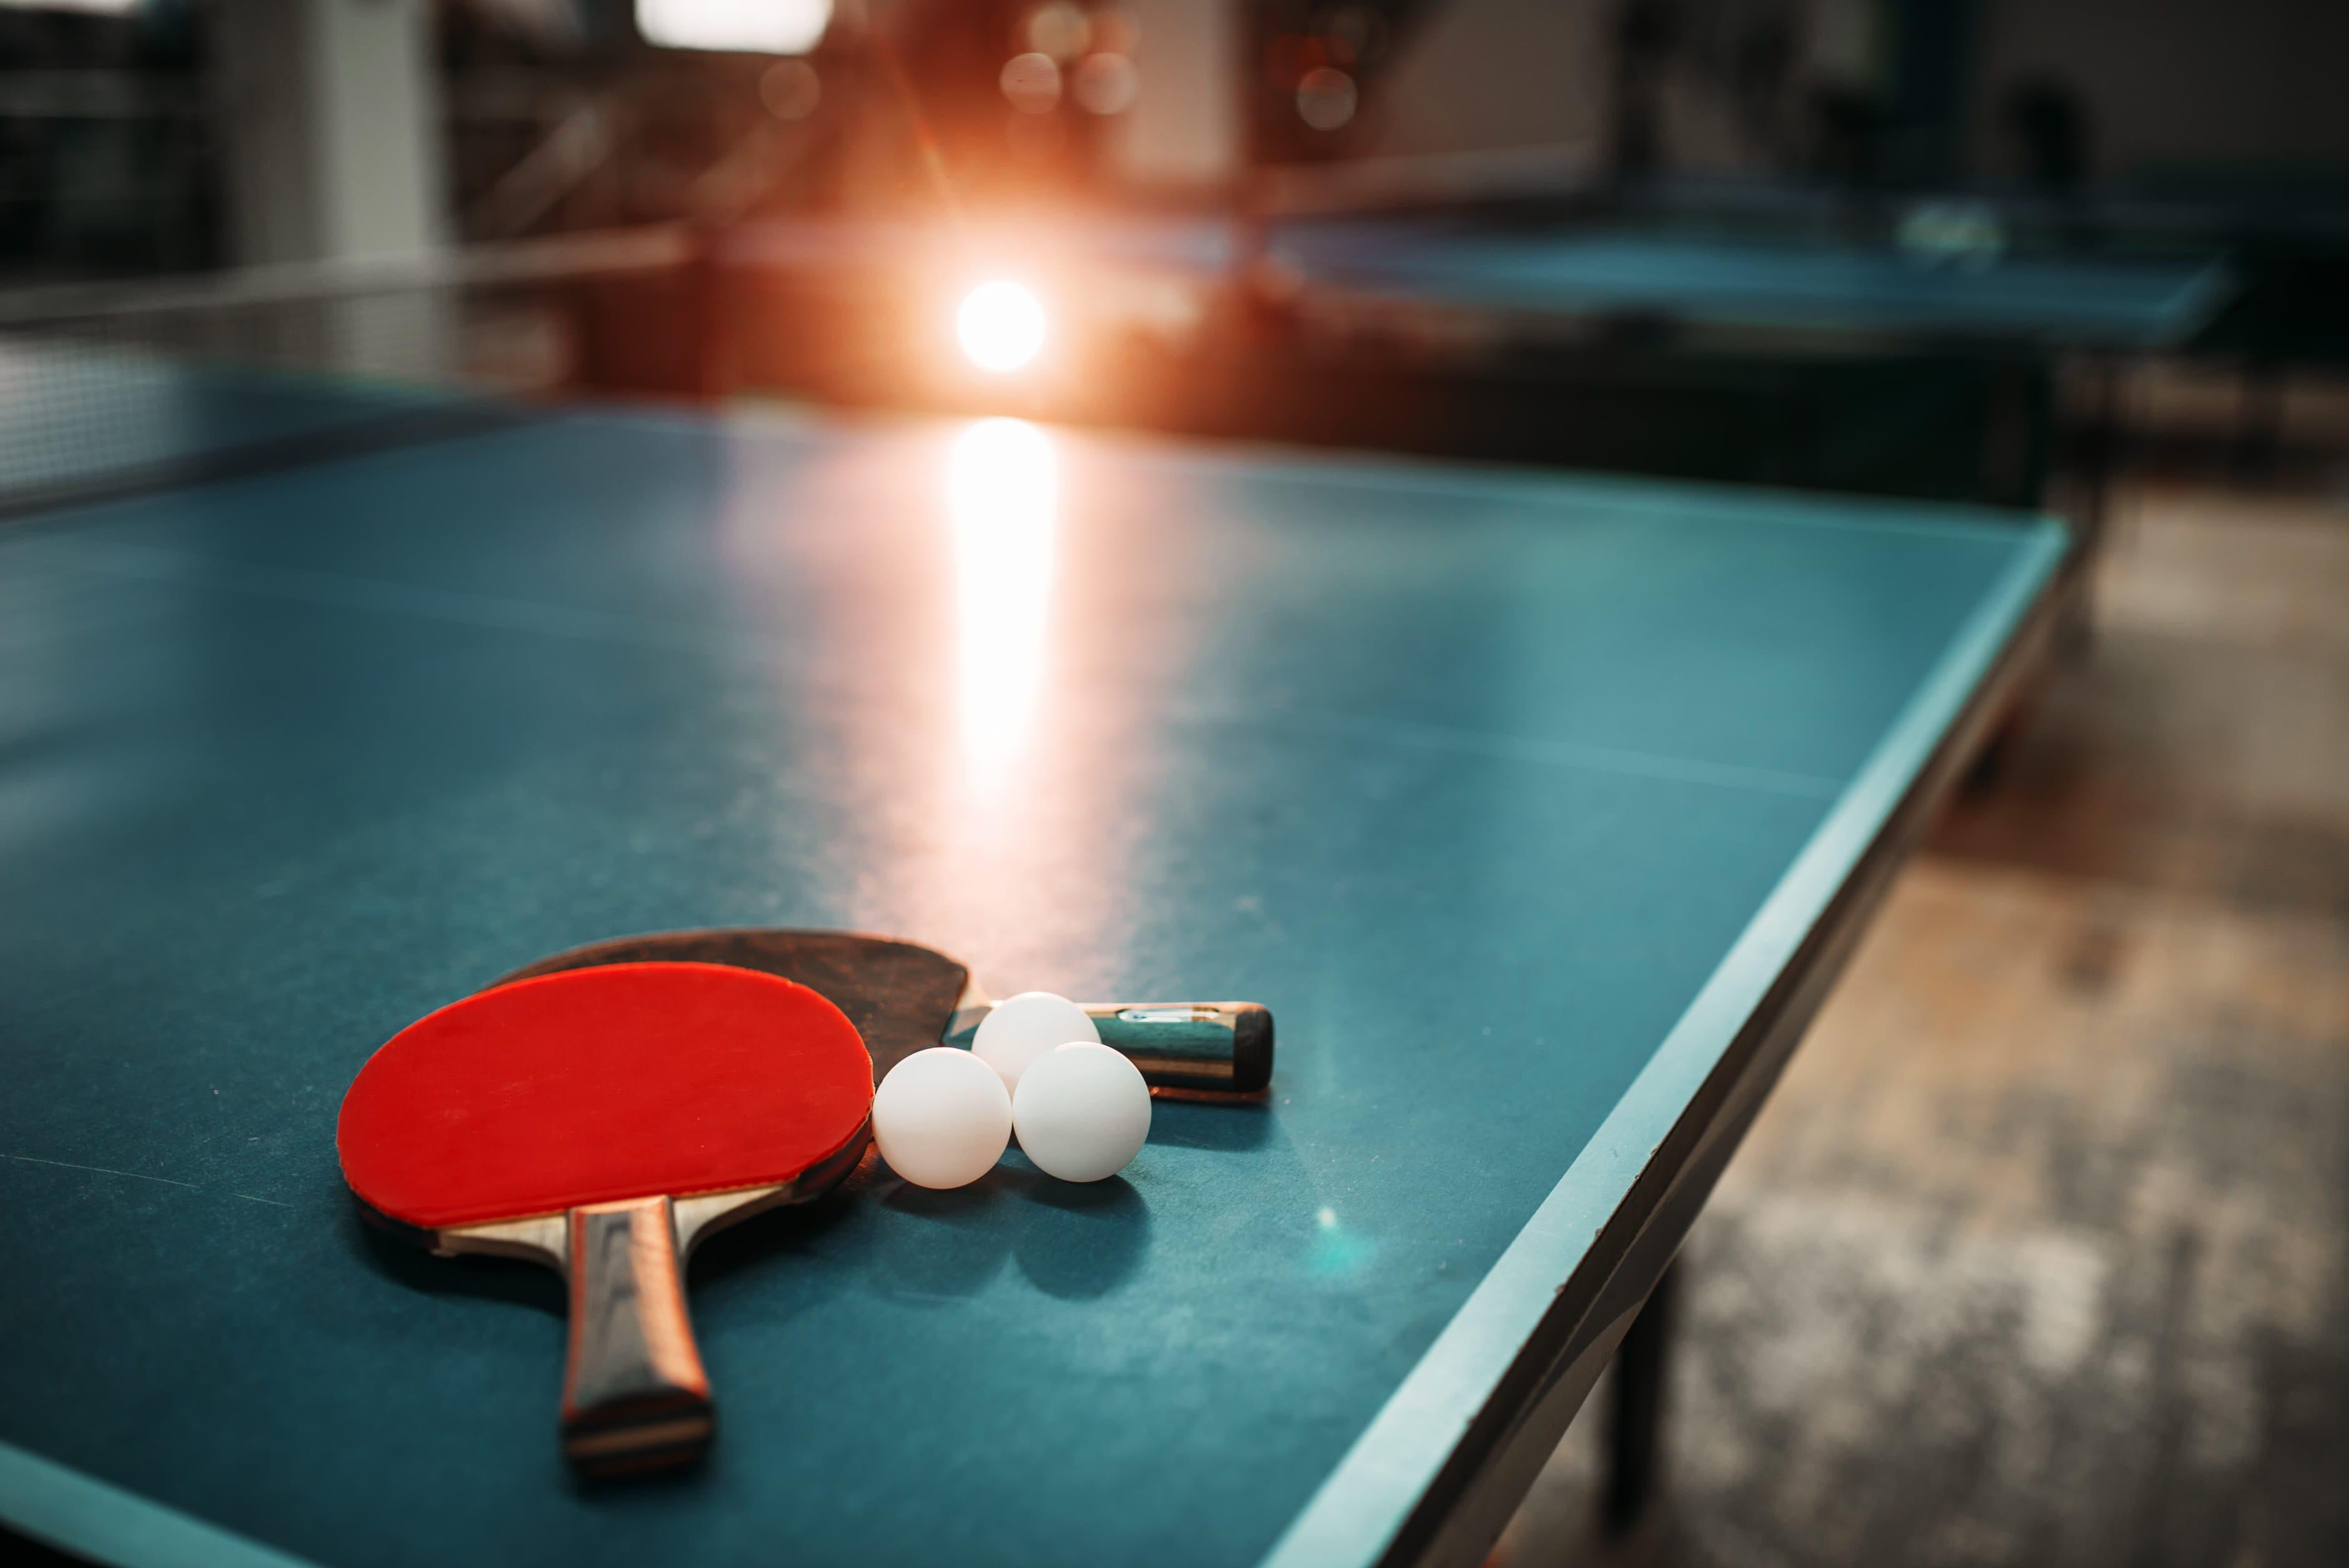 przyrządy do gry w tenisa stołowego